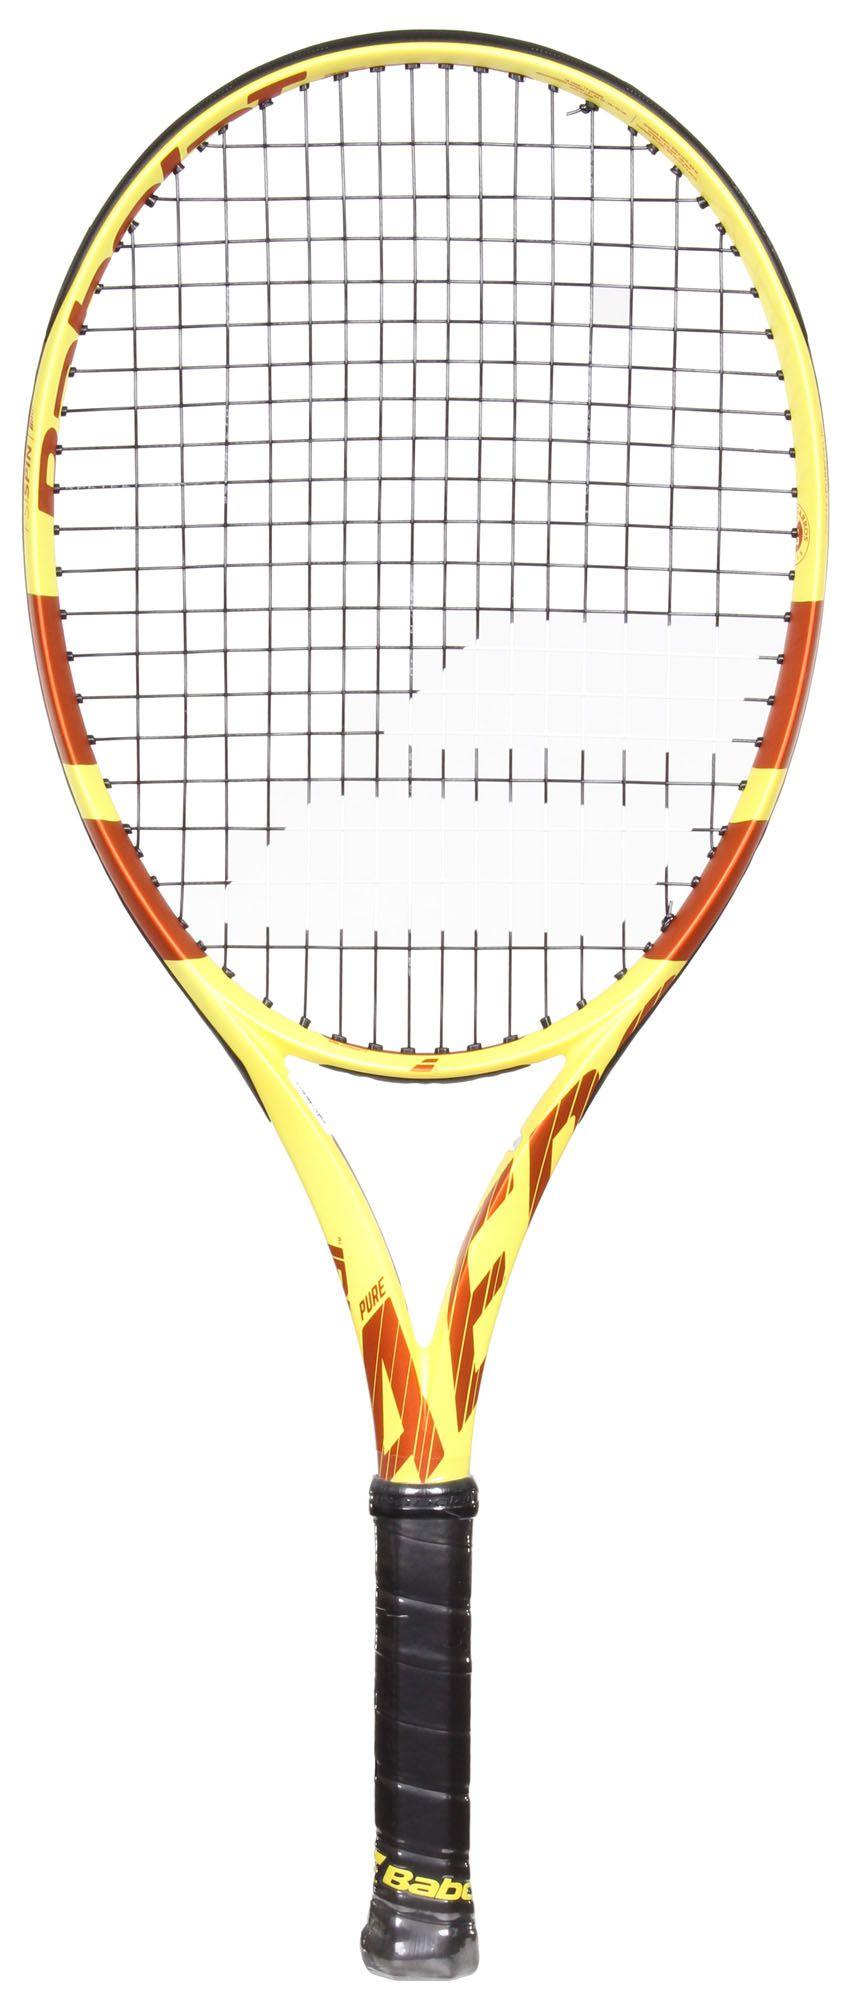 Raquete de Tênis Babolat Pure Aero Roland Garros JR 26 (250g) (10-12 anos)